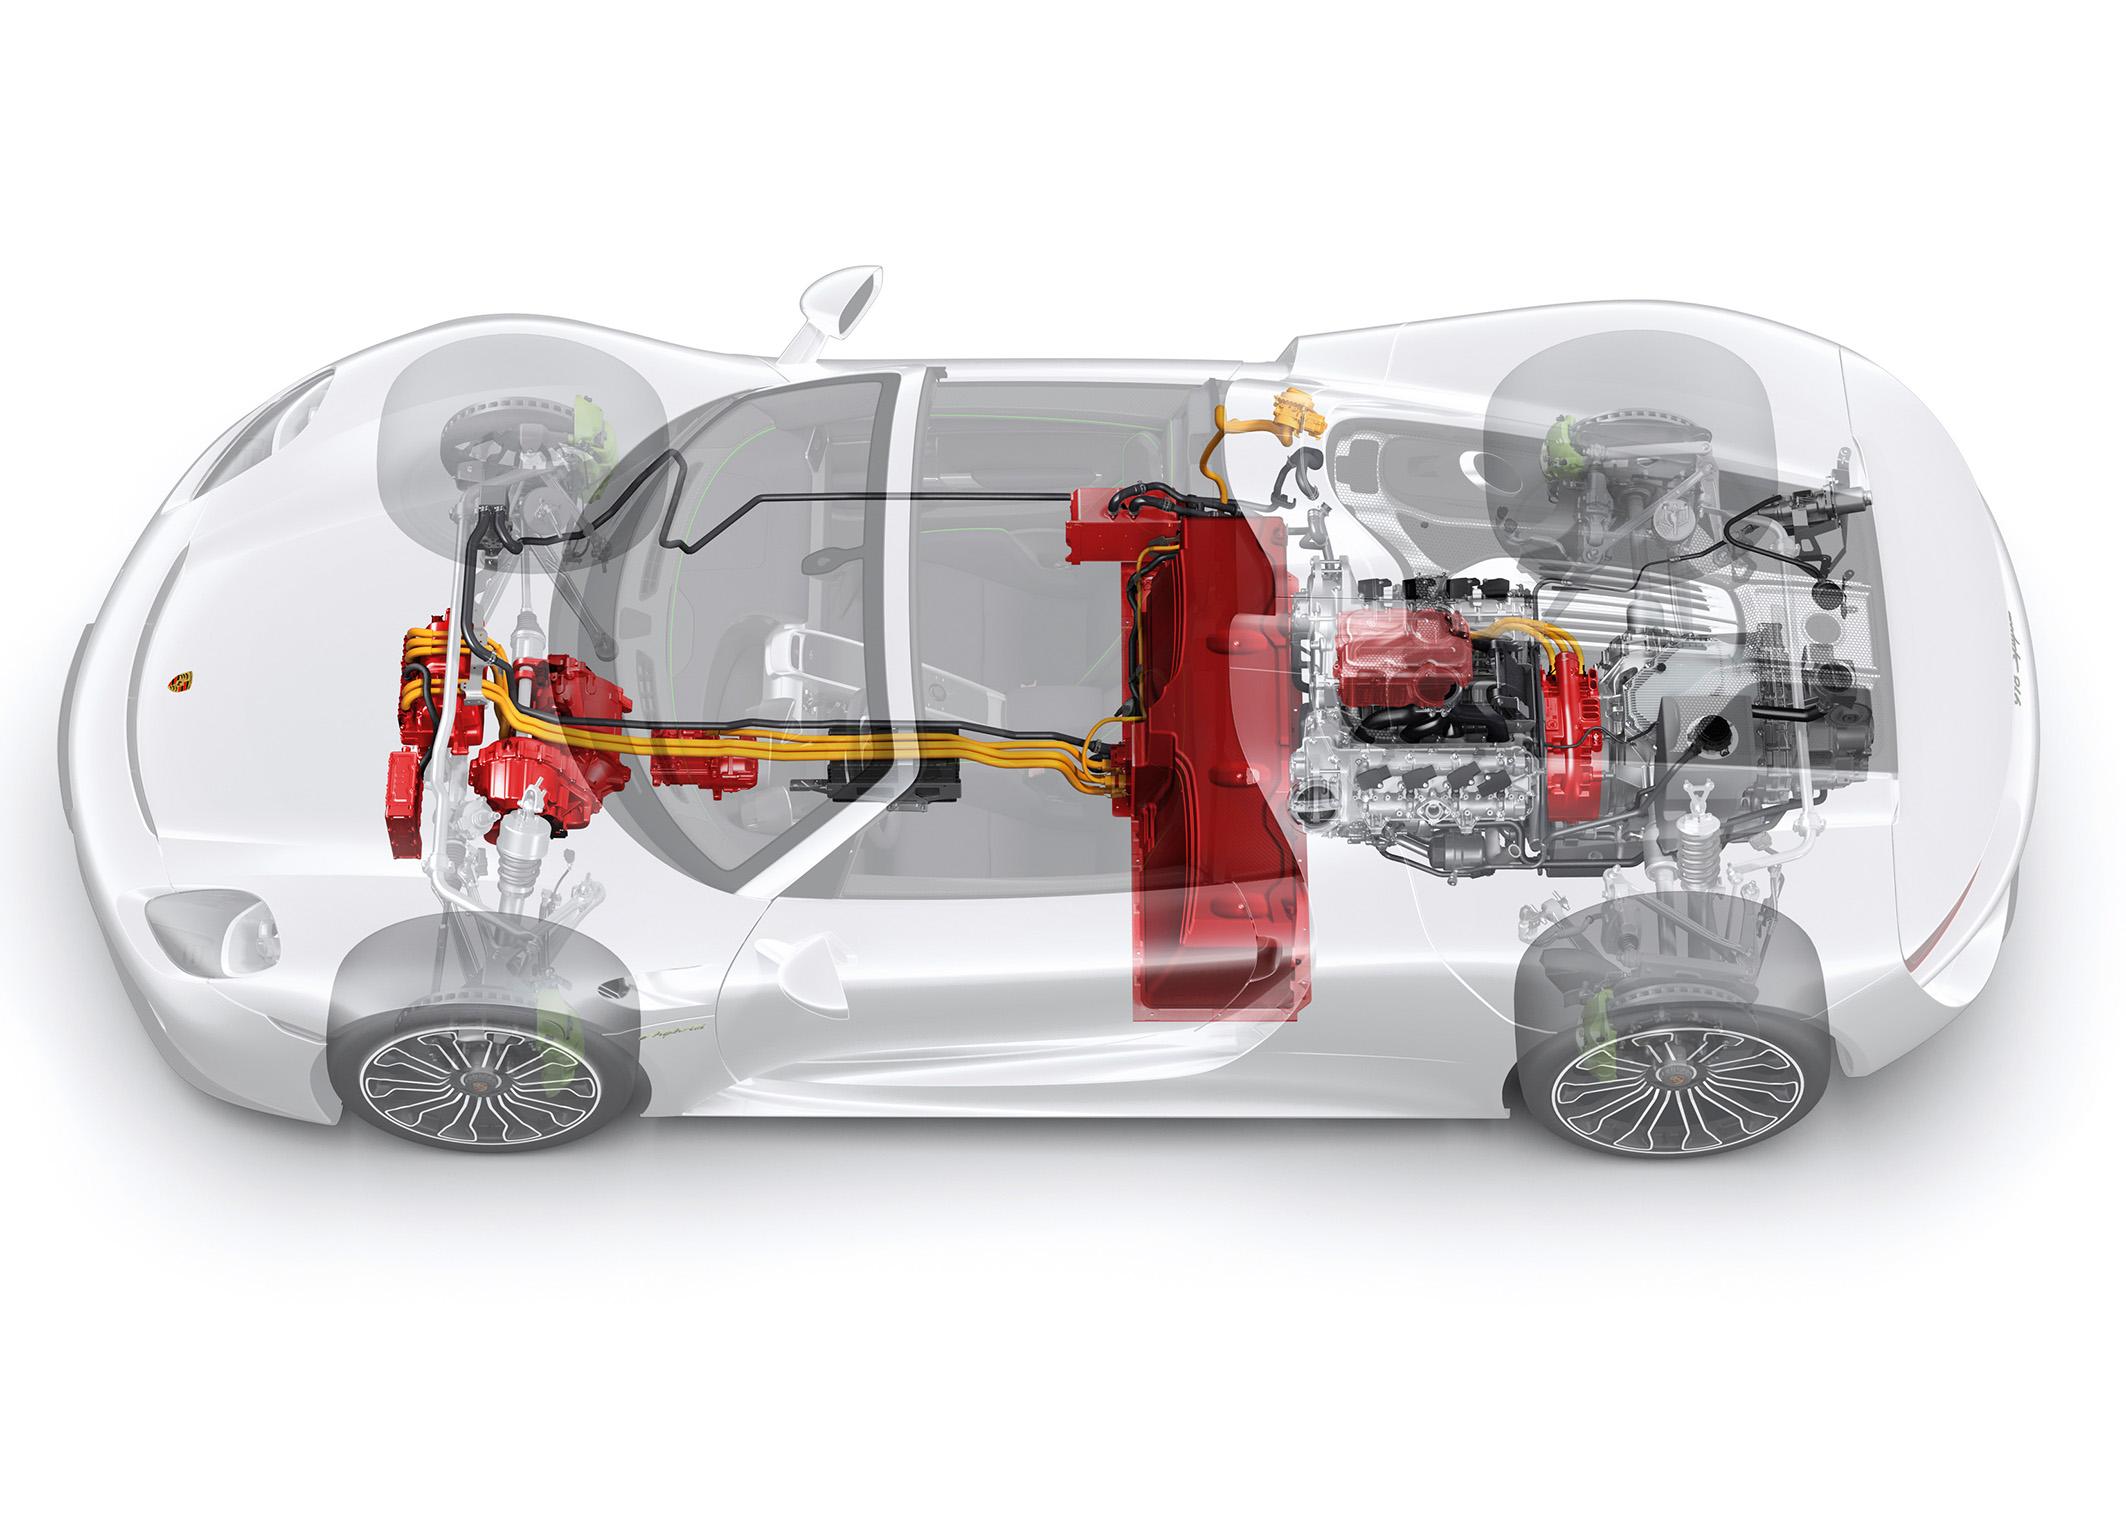 Porsche 918 Spyder Plug-in hybrid components